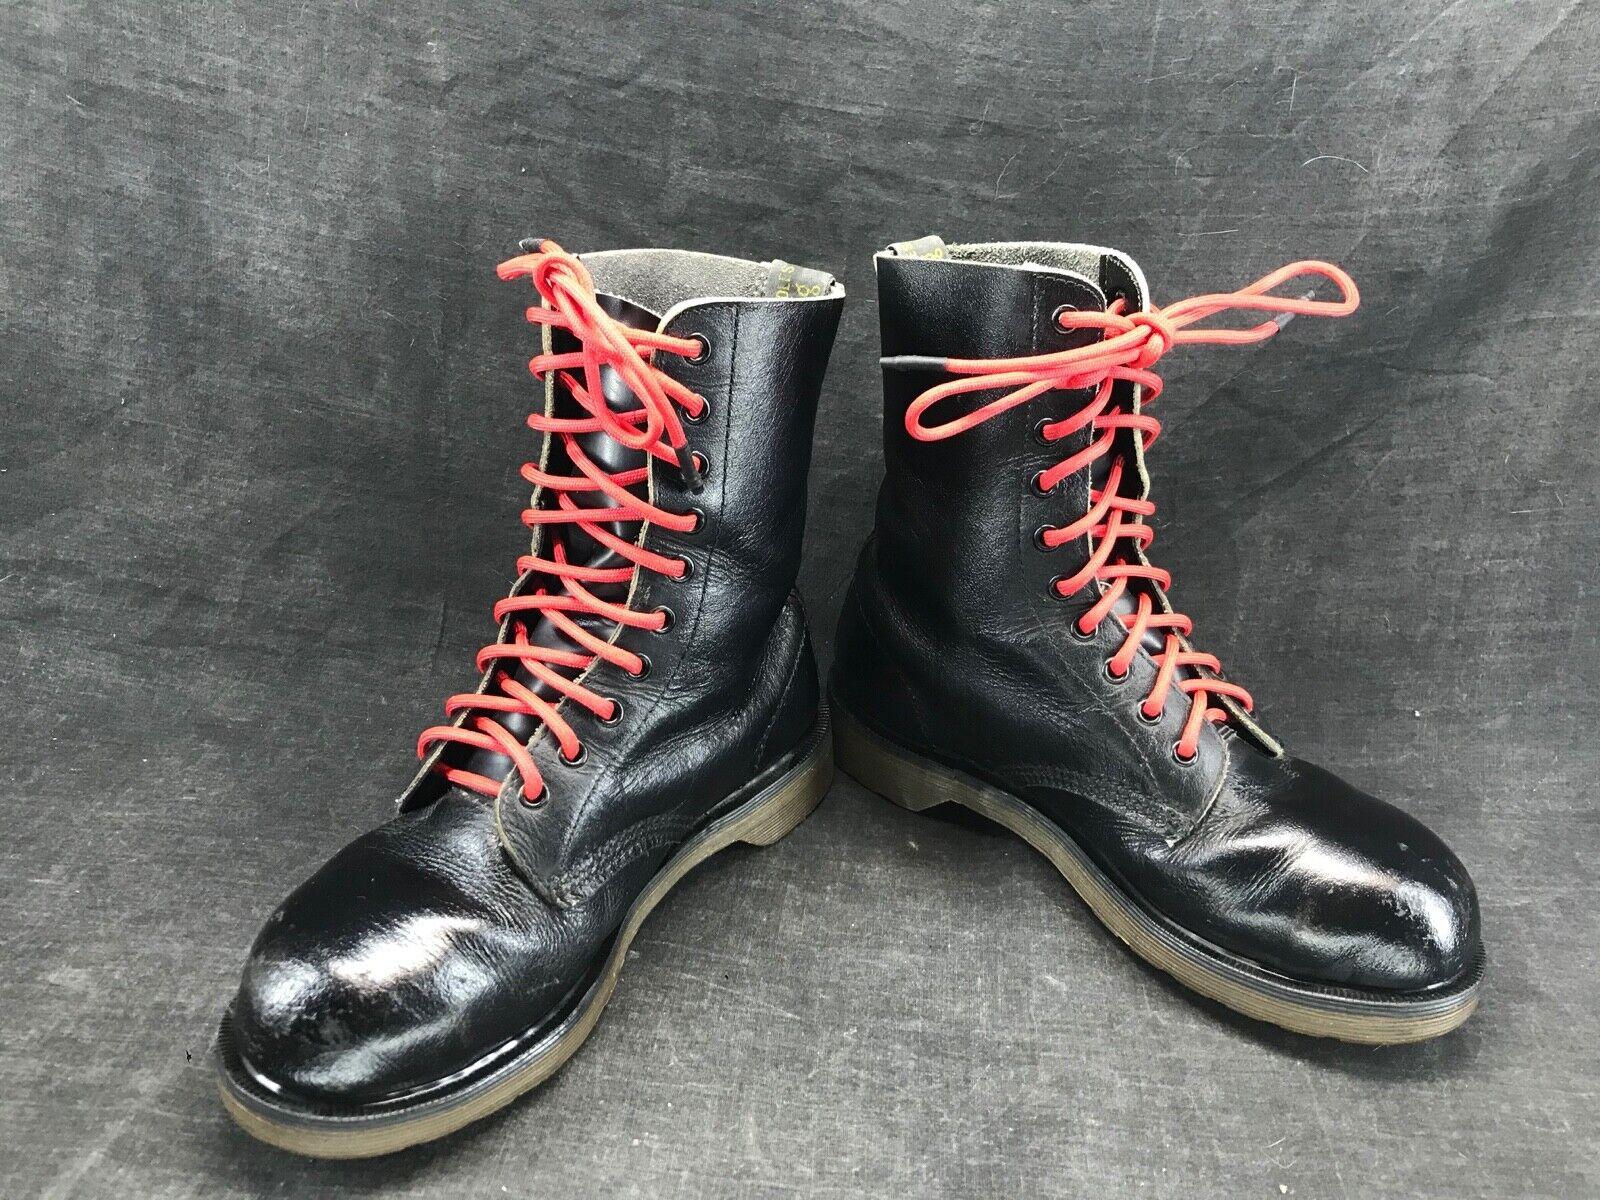 Doc martens noire 5929 10 trous taille uk 6 point 39 / chaussures punk , ska